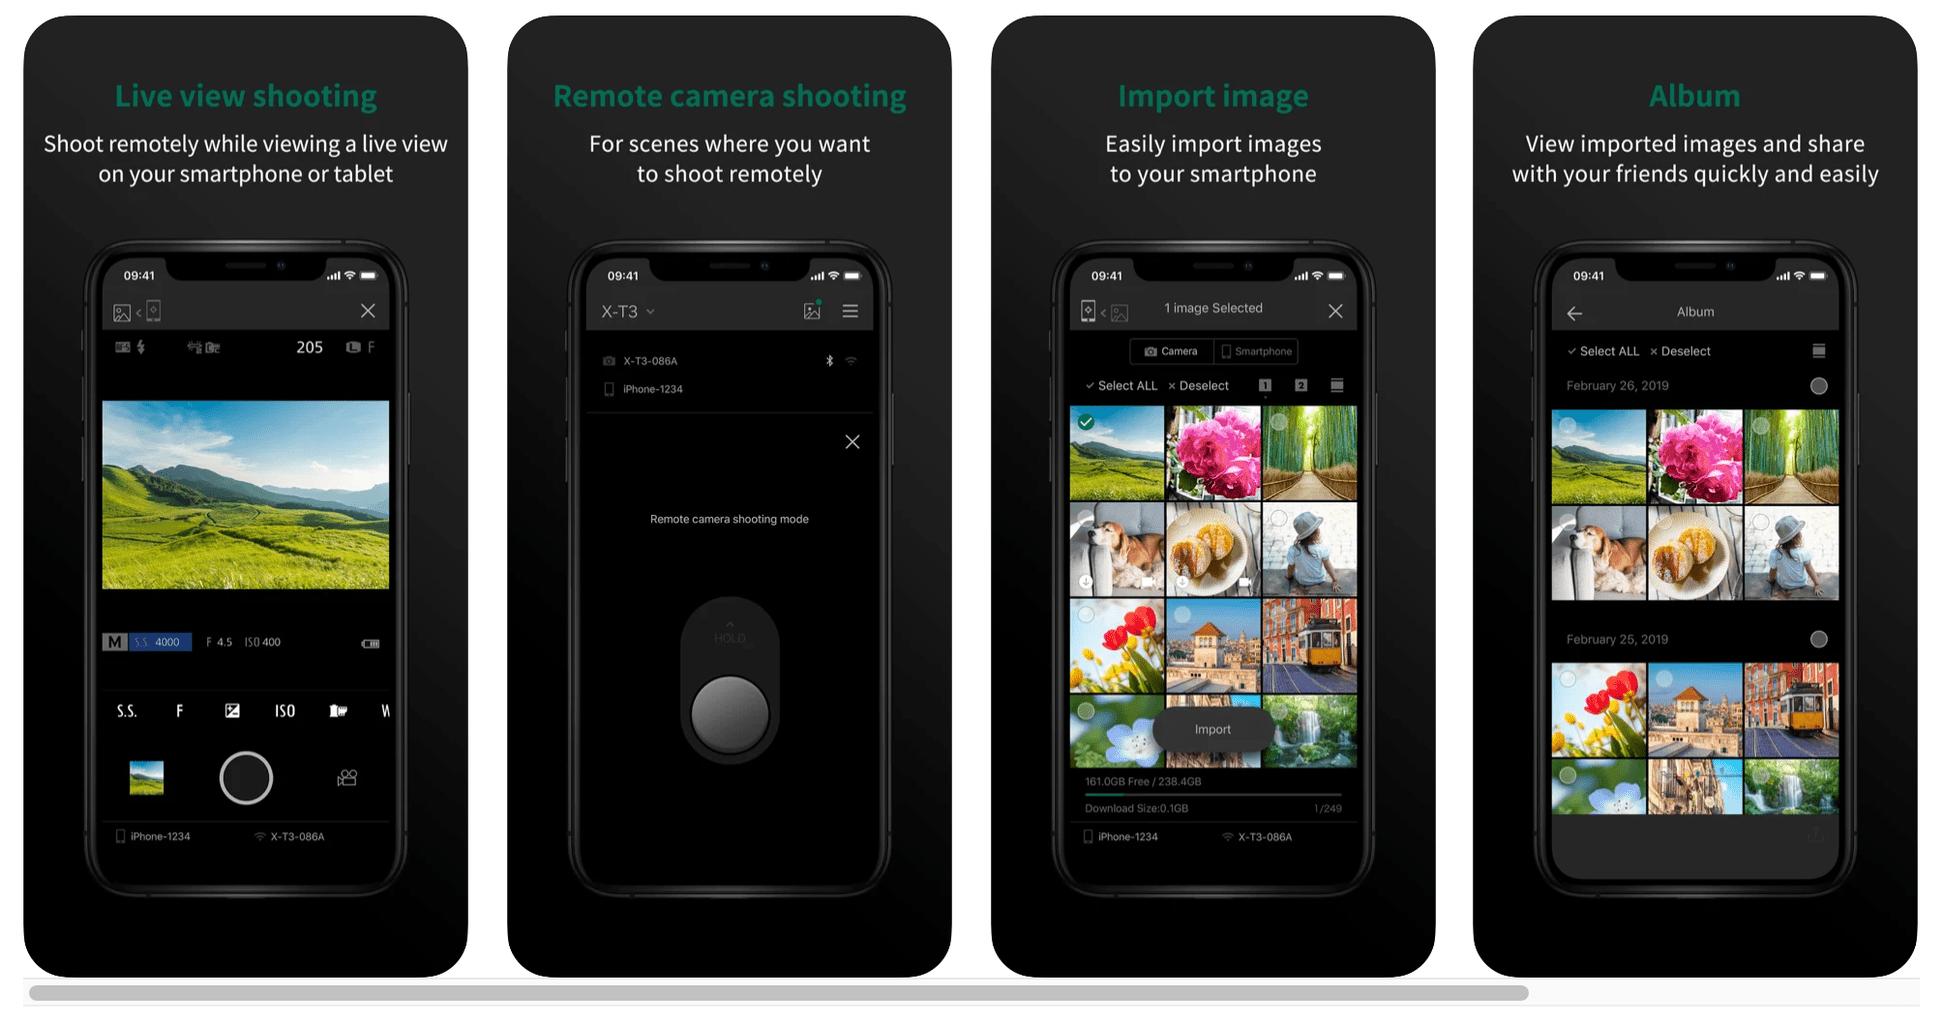 Captura de pantalla de las funciones de la aplicación en remoto de Fujifilm